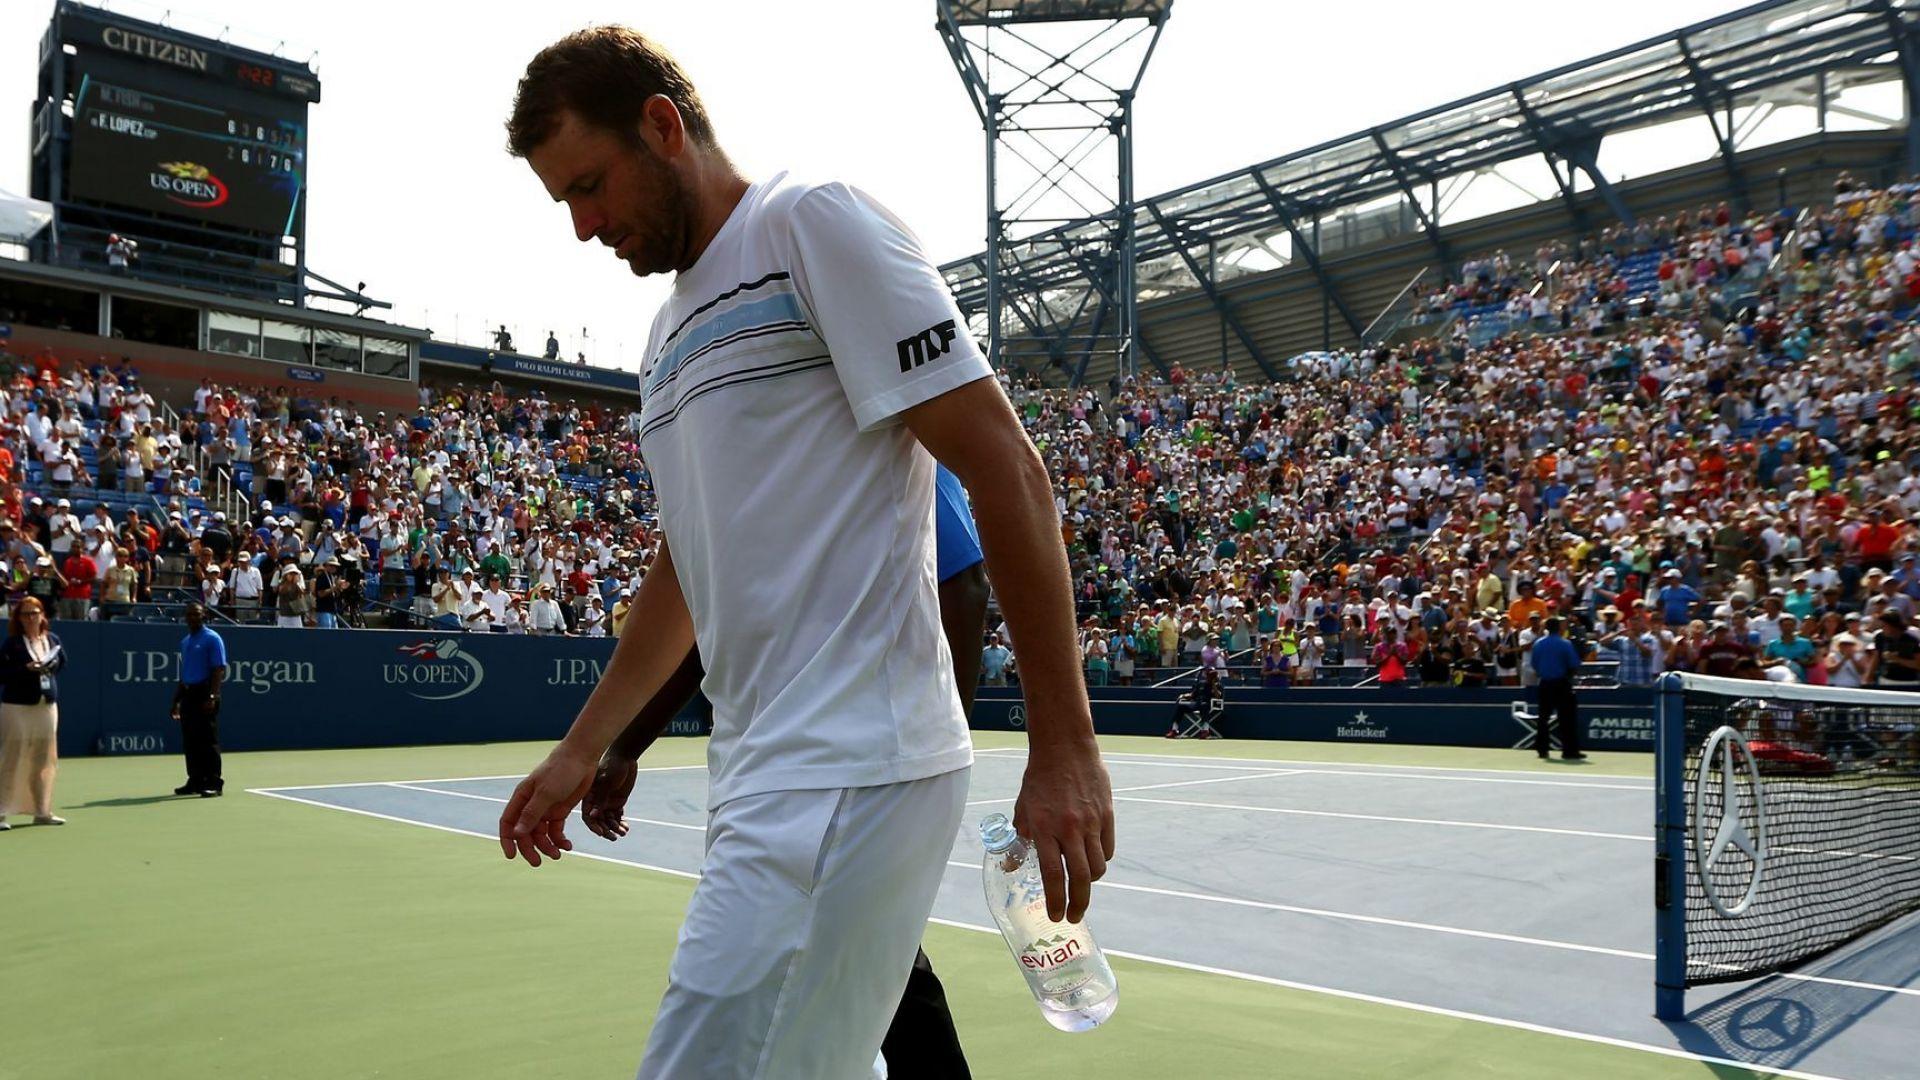 Невидимата драма на един елитен тенисист: Паник атаки, пристъпи и страх